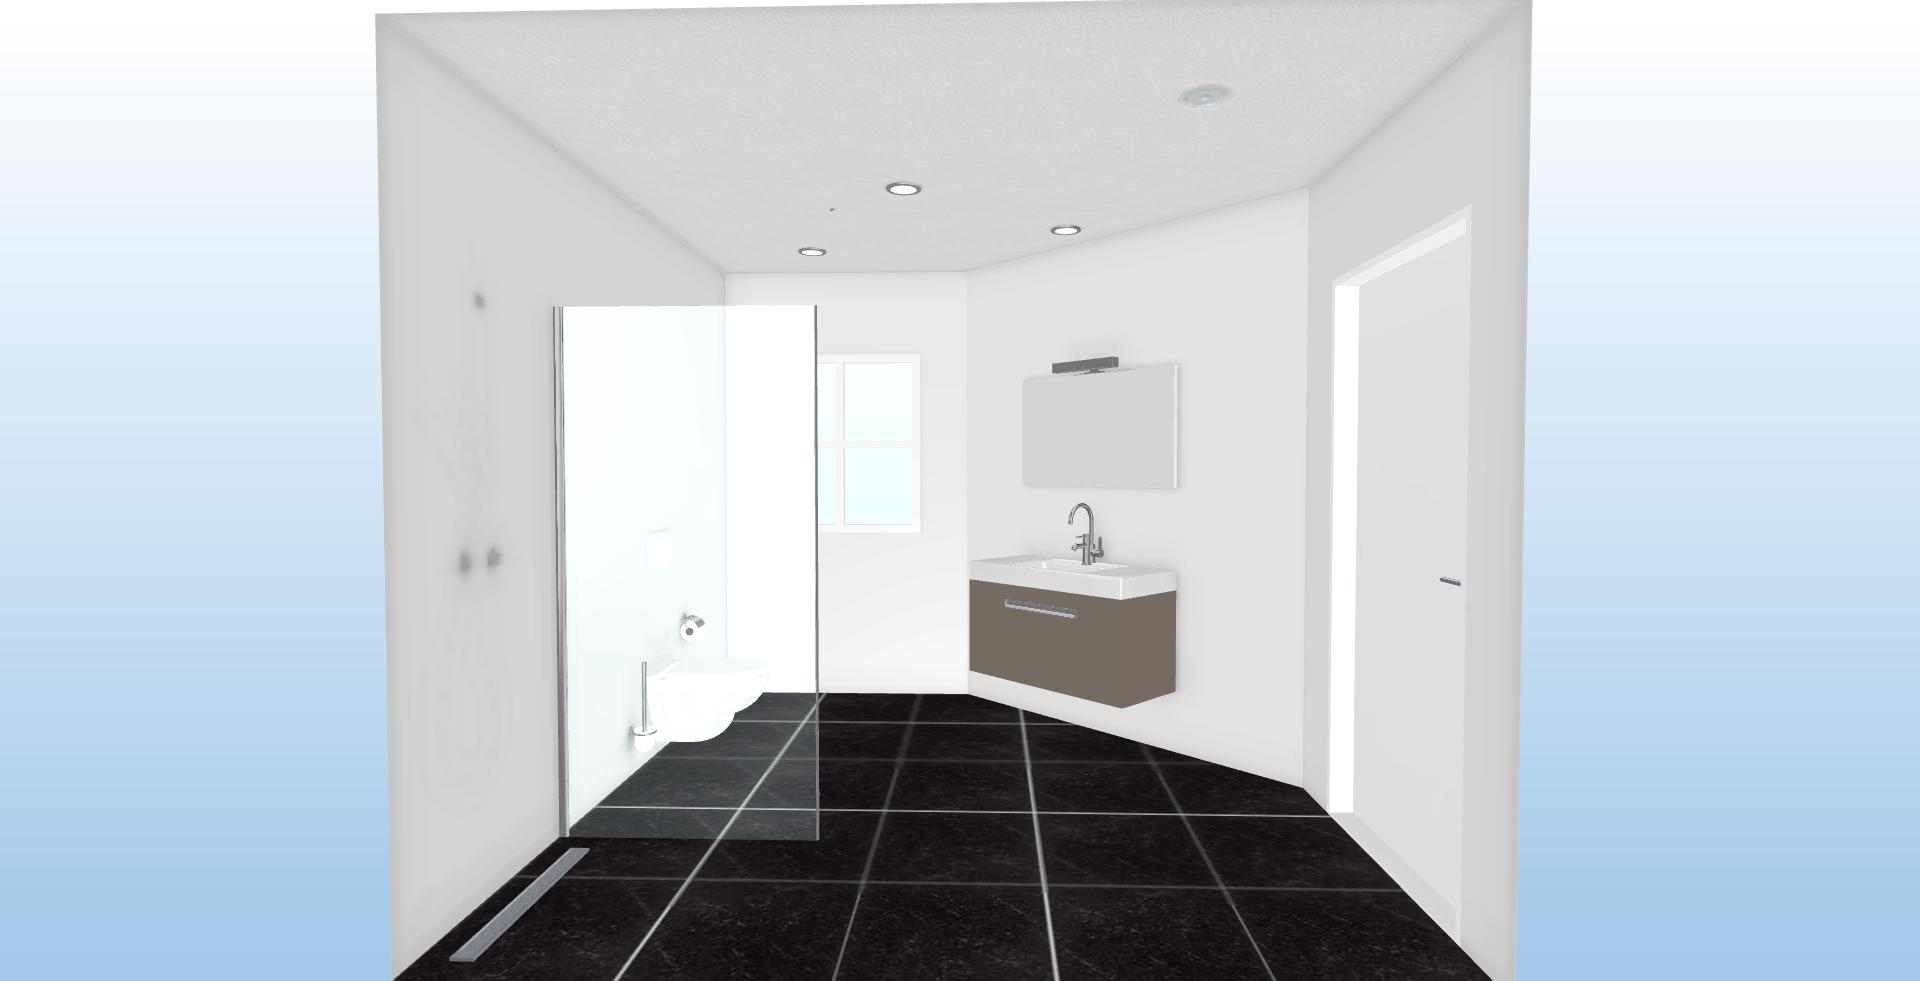 Vierkant badkamer met een schuine hoek pagie bad tegeldesign - Winkelruimte met een badkamer ...